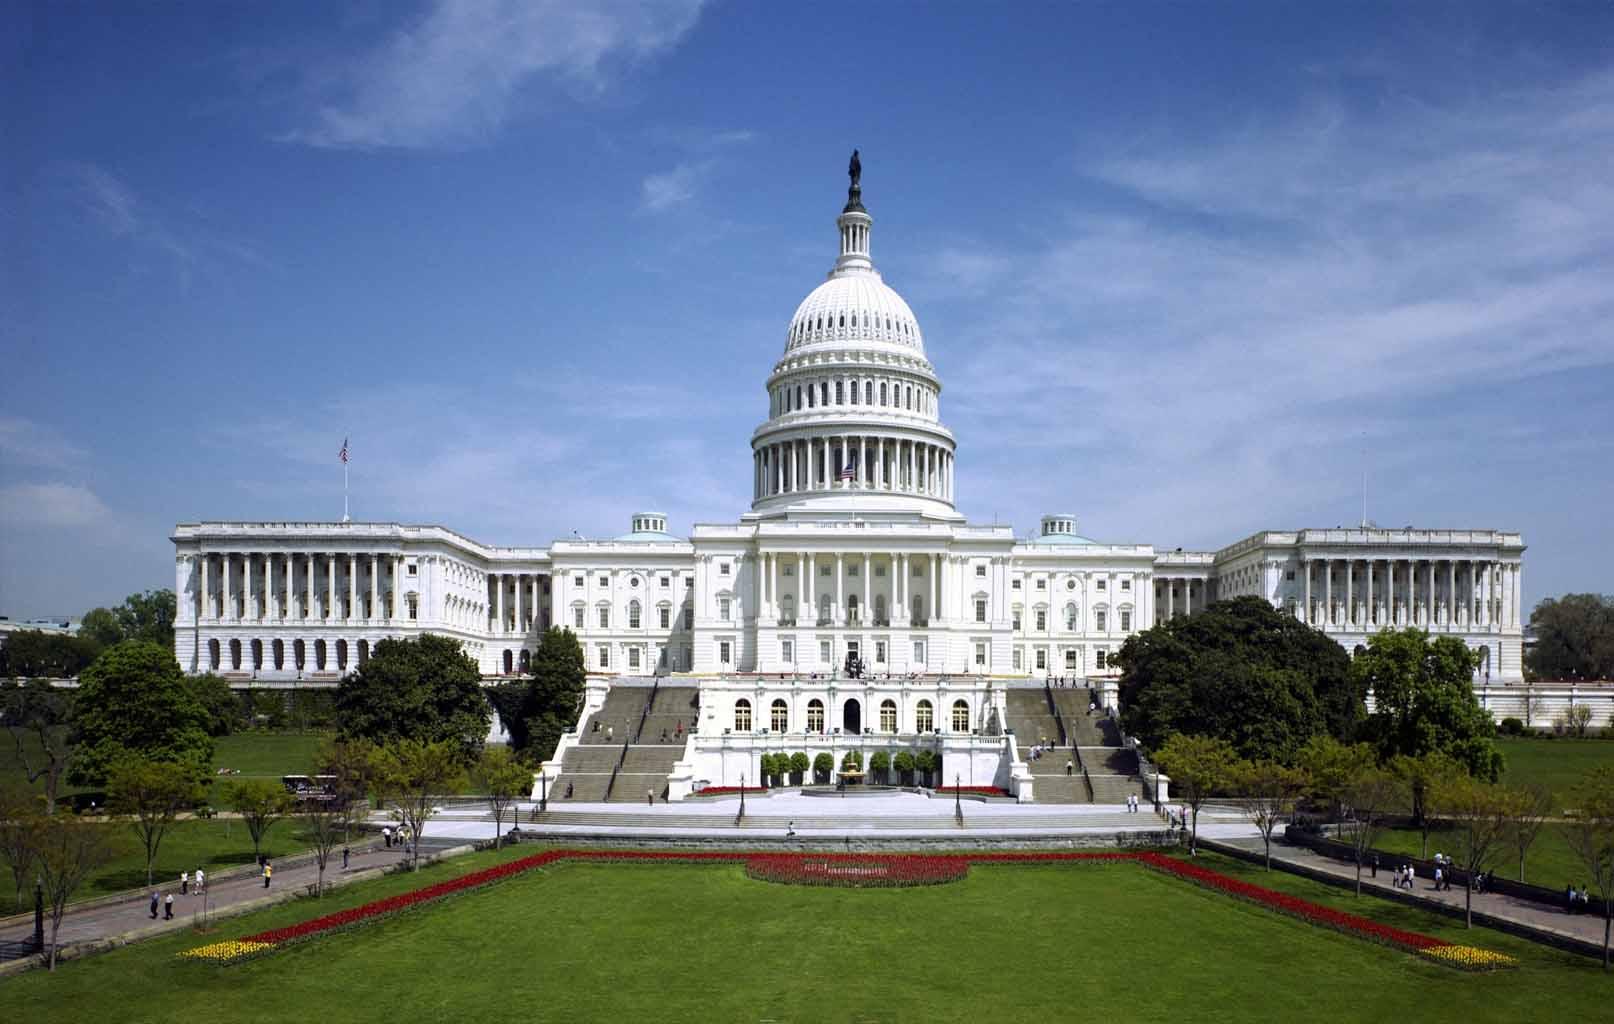 Điện Capitol - Tòa nhà lưỡng viện Hoa Kỳ